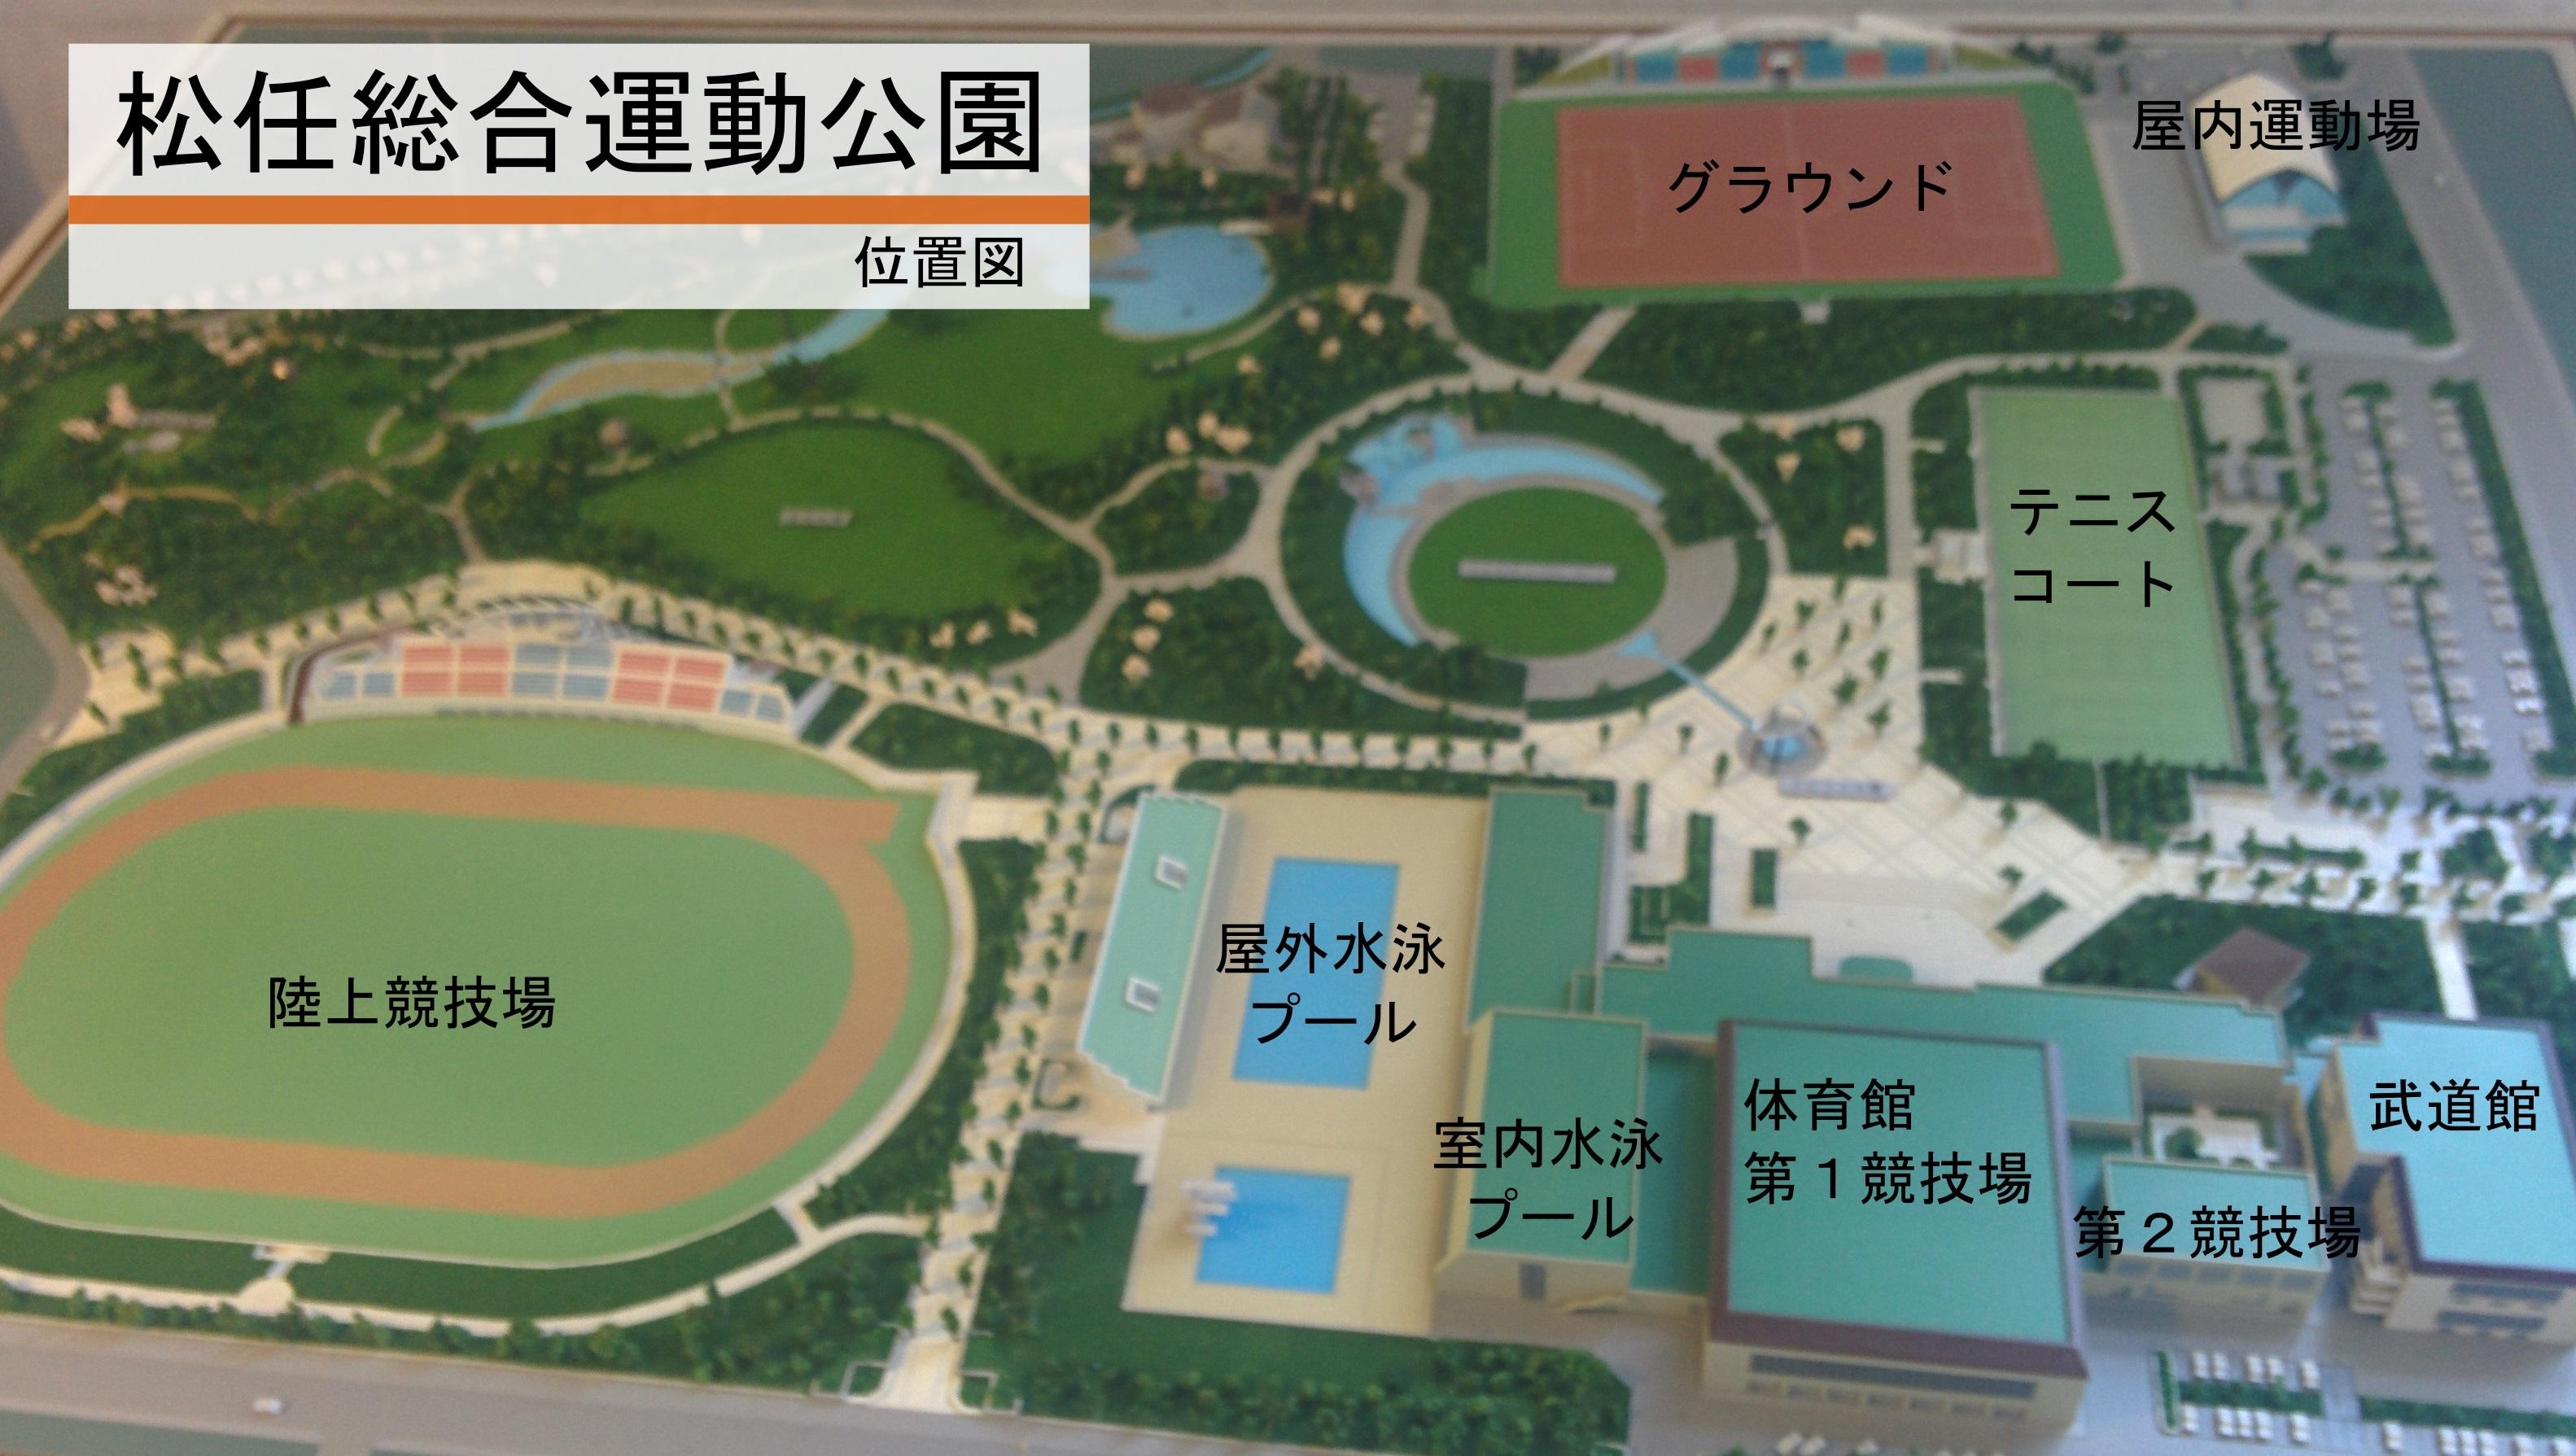 松任総合運動公園スポーツ施設 ...